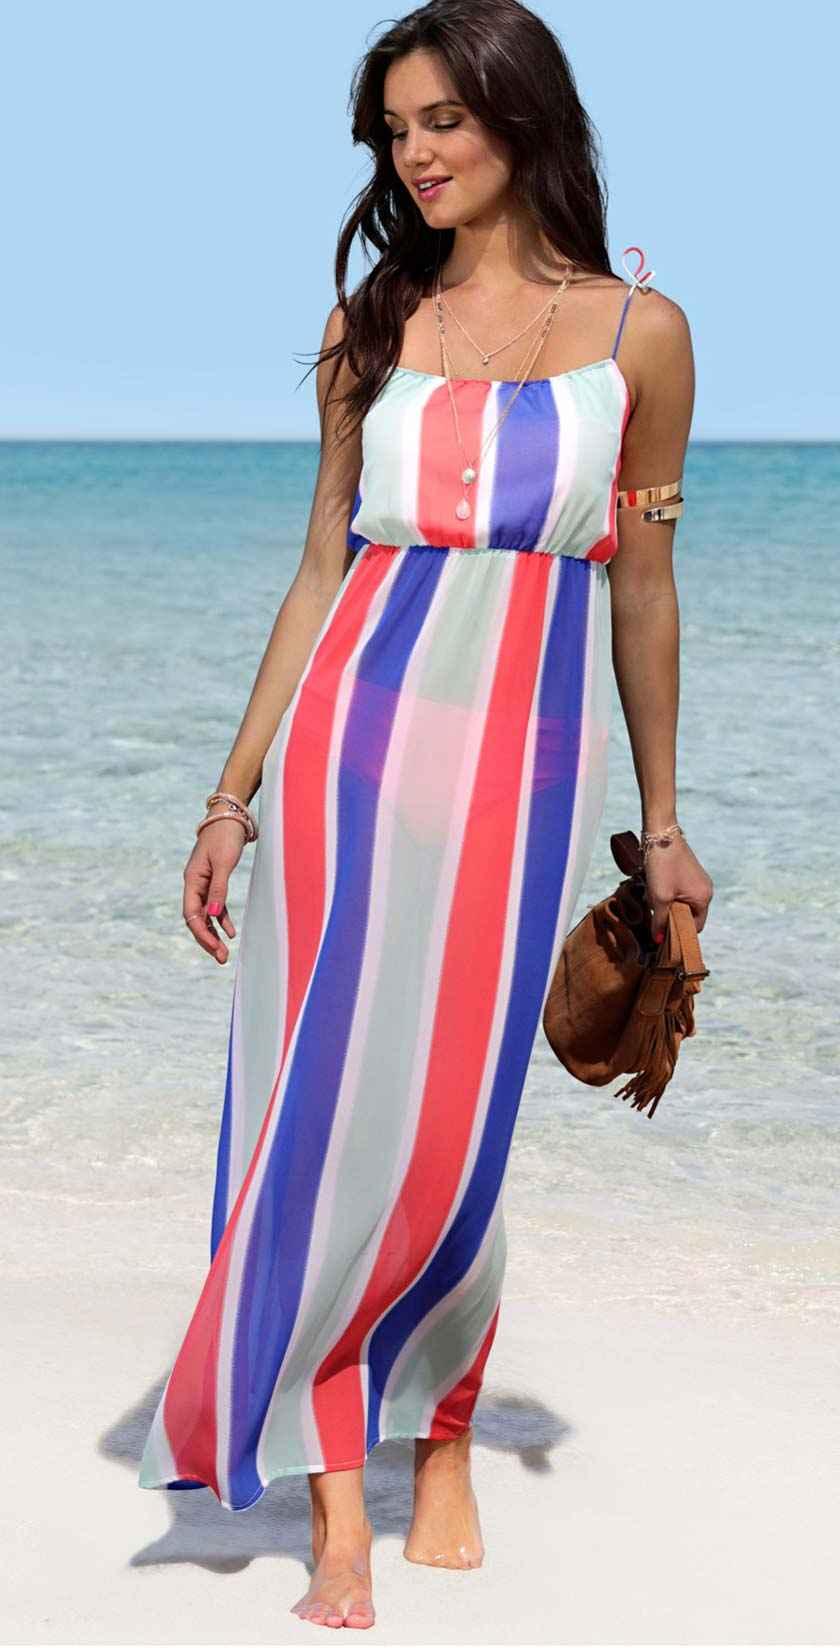 Robes de plage fashion designs - Tenue plage femme ...